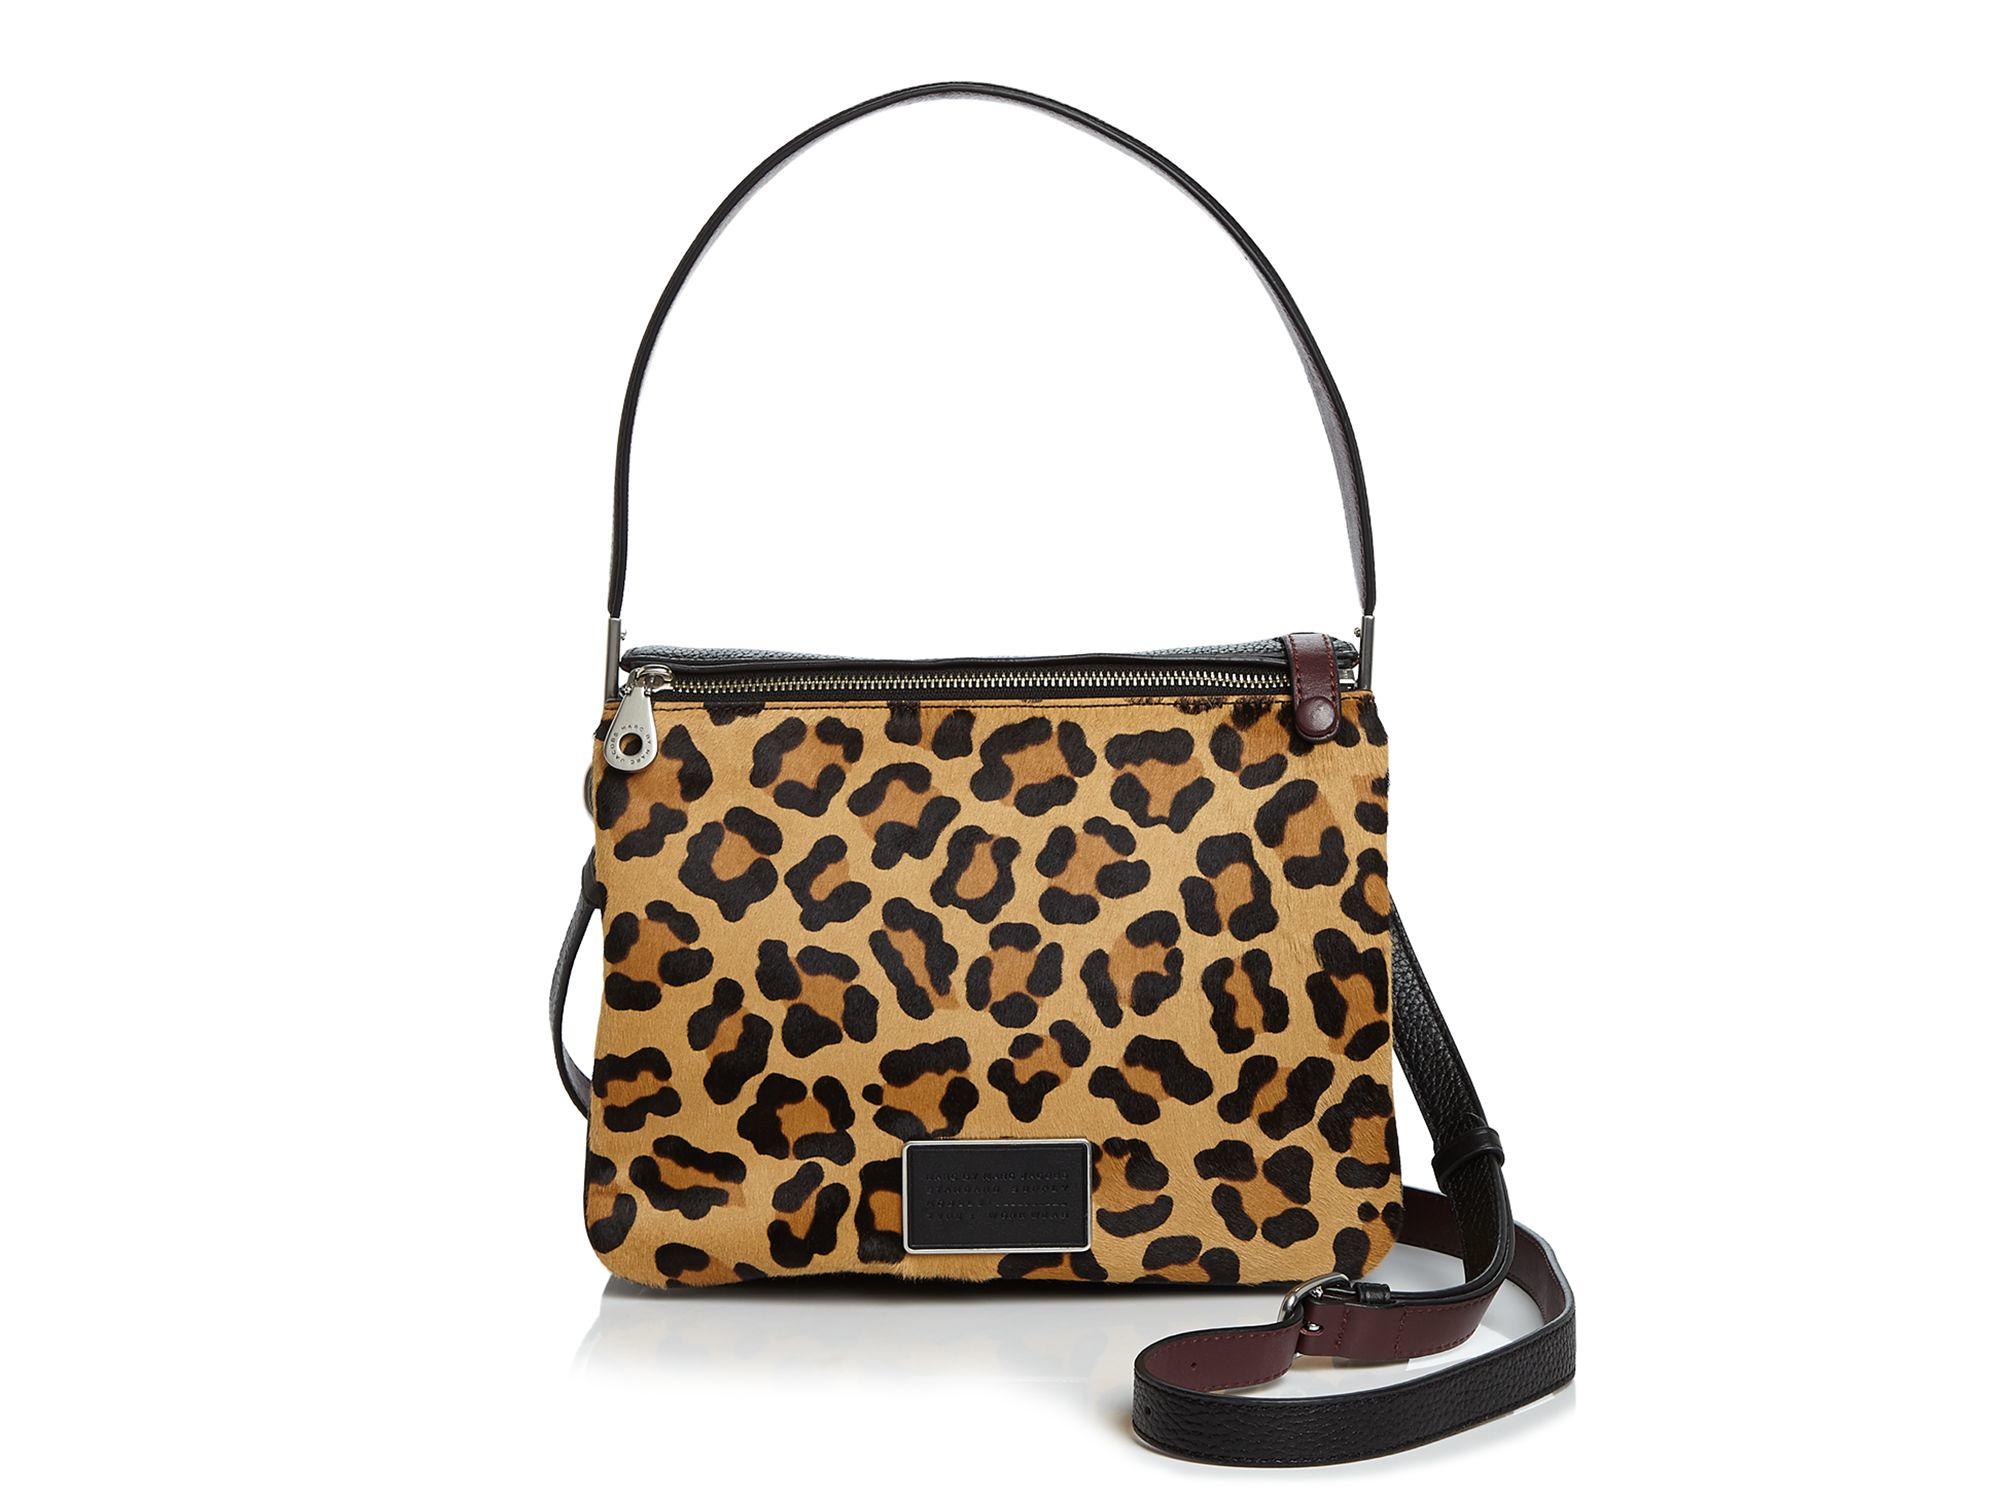 45a22700e0a0 Lyst - Marc By Marc Jacobs Ligero Leopard Calf Hair Shoulder Bag